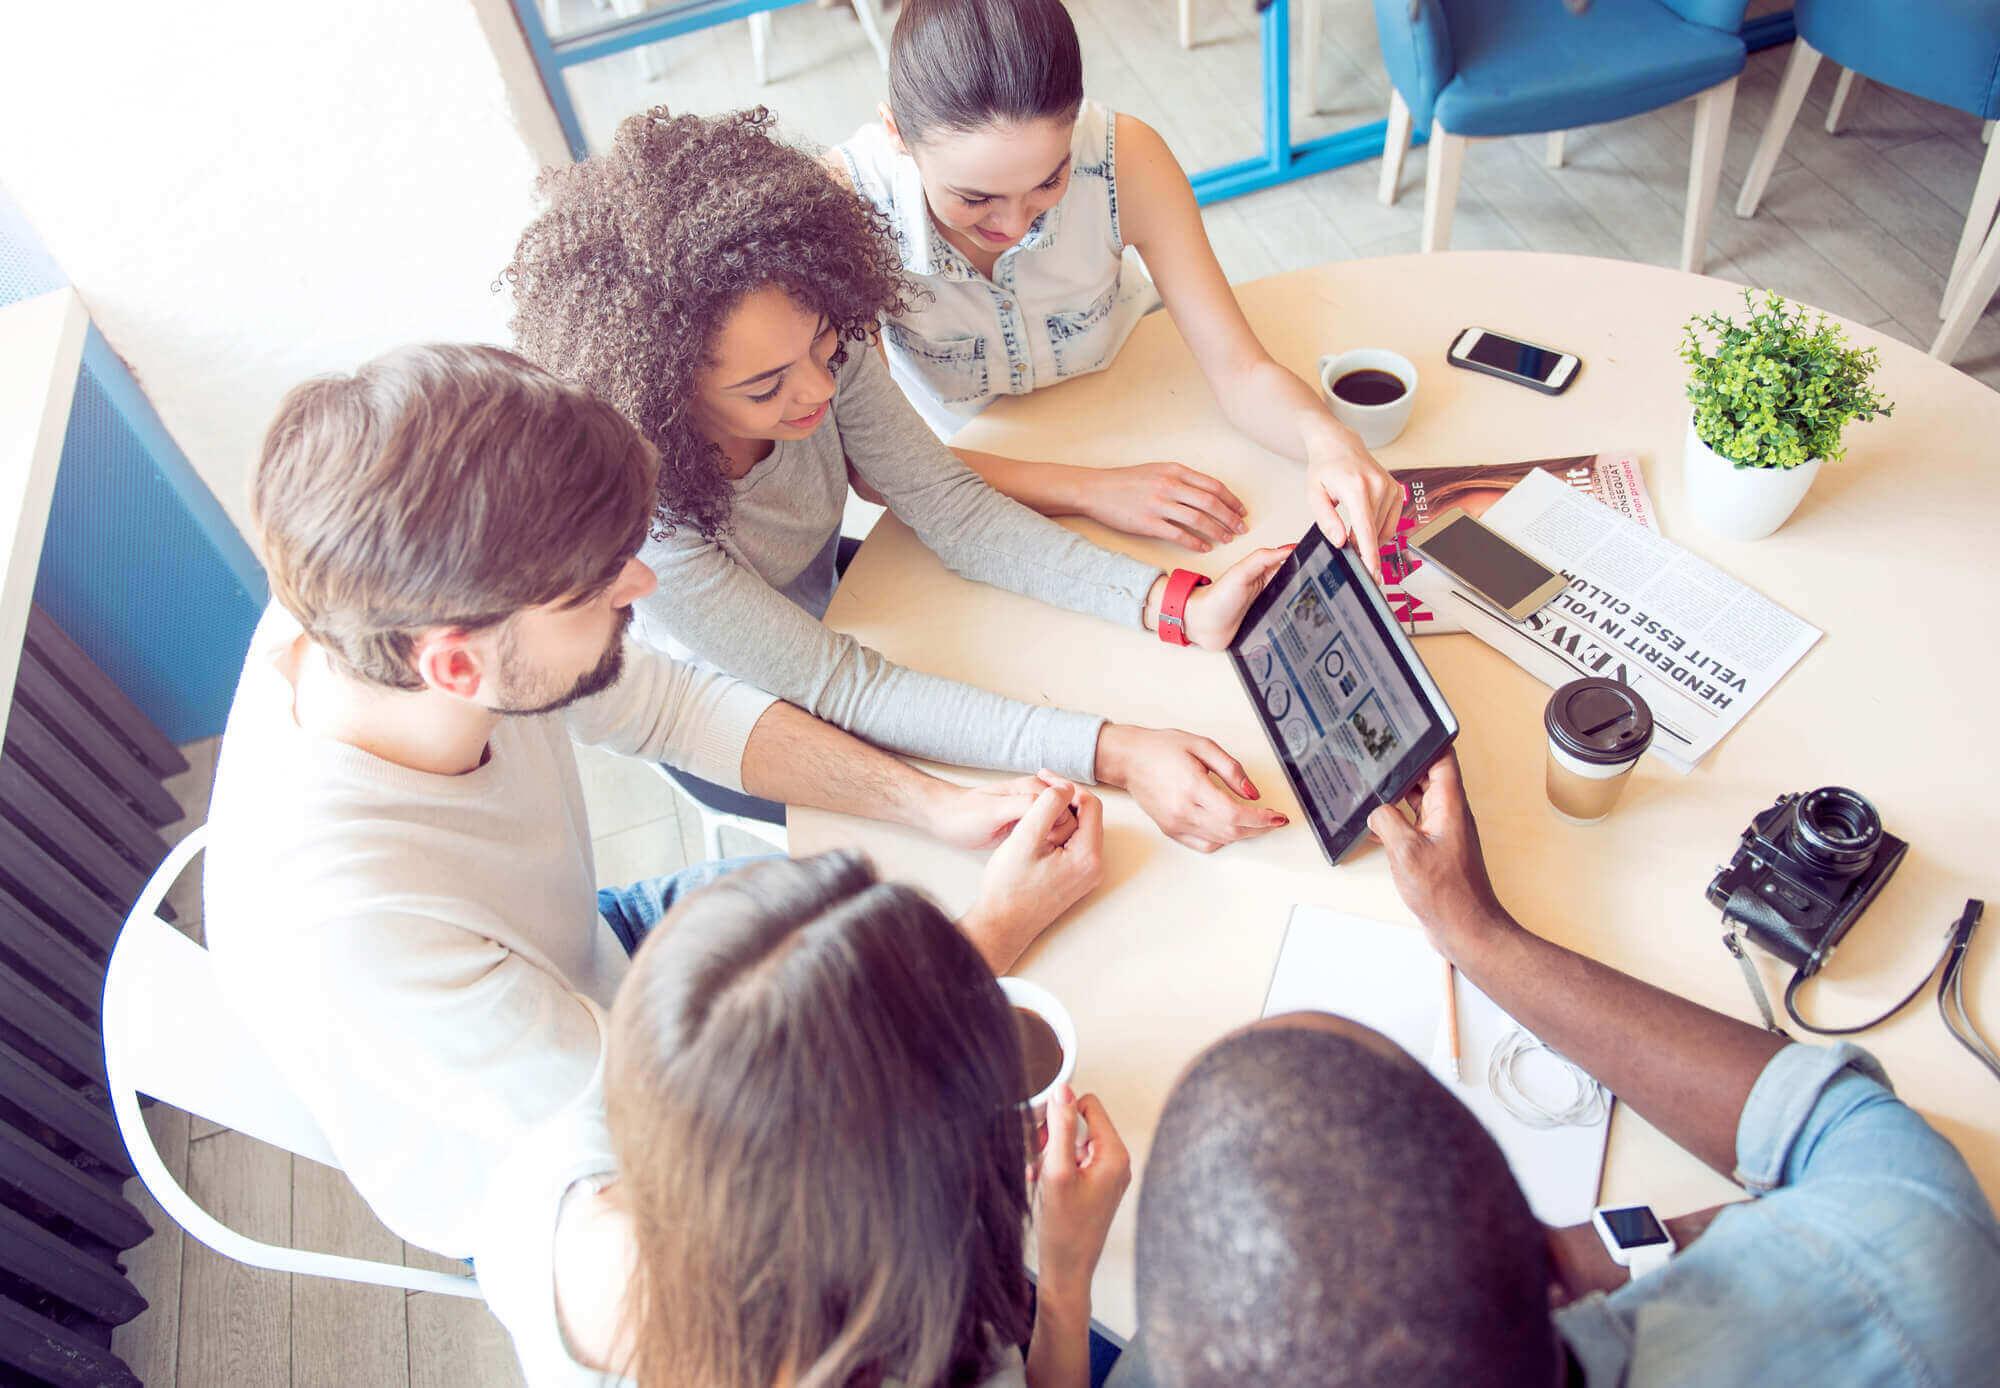 Descubra agora o papel da gamificação na gestão de mudança